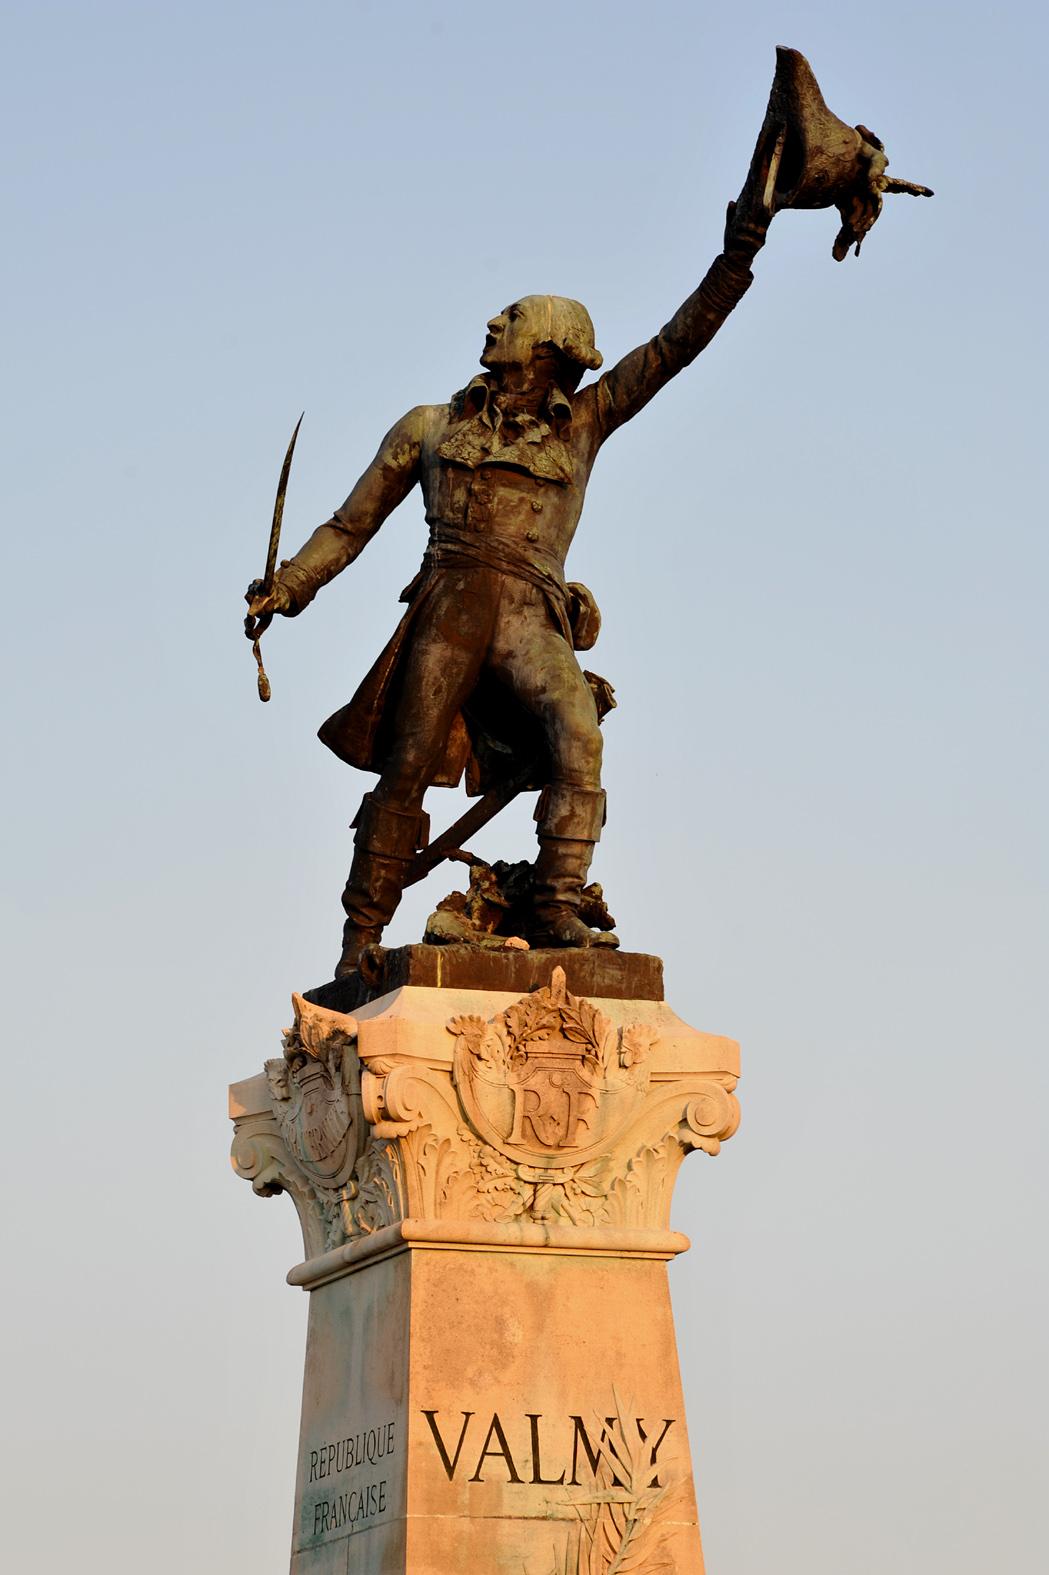 Monument of Marshal François Christophe Kellermann in Valmy; Marne, France. Photo taken on September 25, 2009.